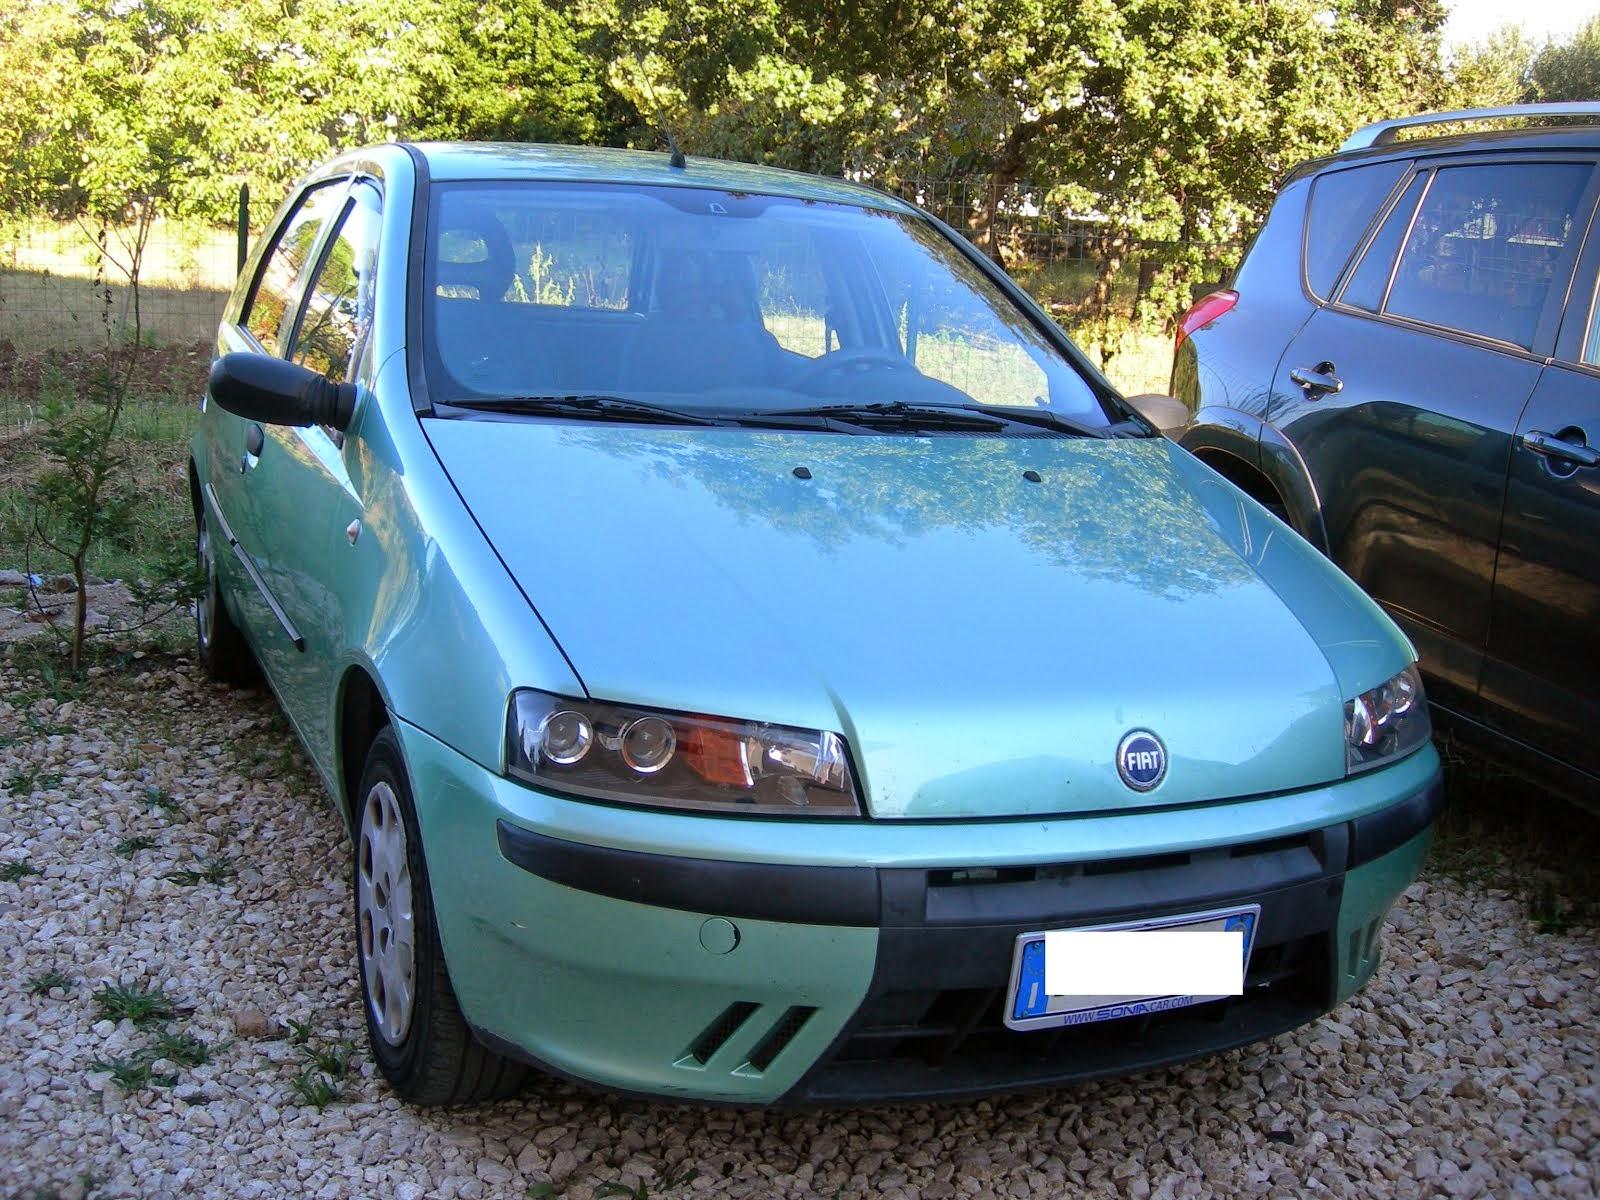 FIAT PUNTO 1.2 5 porte  con idrog-vetri elettr- 2.000,00 euro